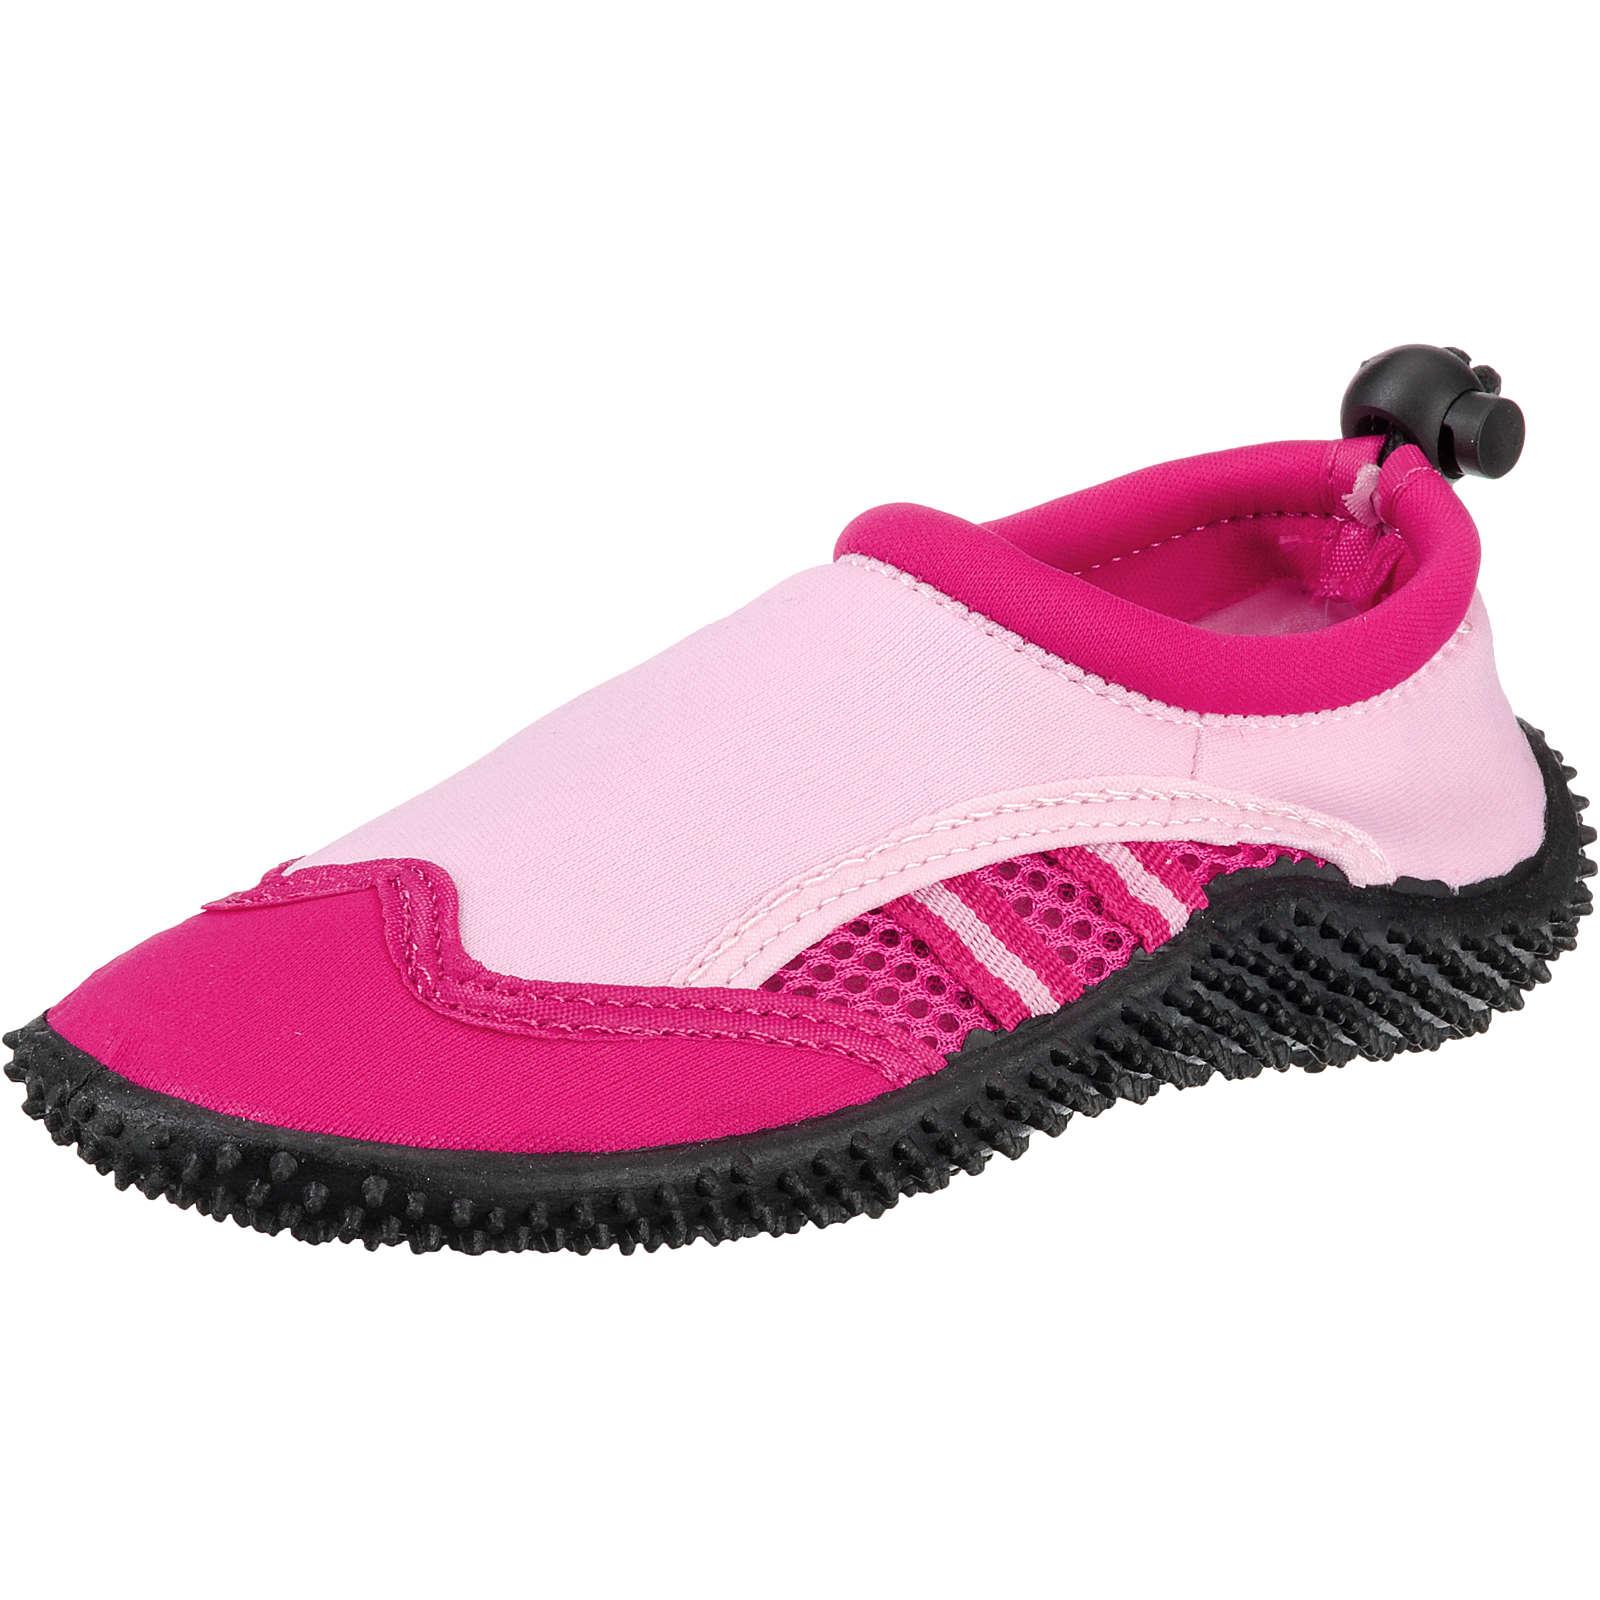 D.T. NEW YORK Badeschuhe Kids Beach Aquaschuhe für Mädchen pink Mädchen Gr. 26